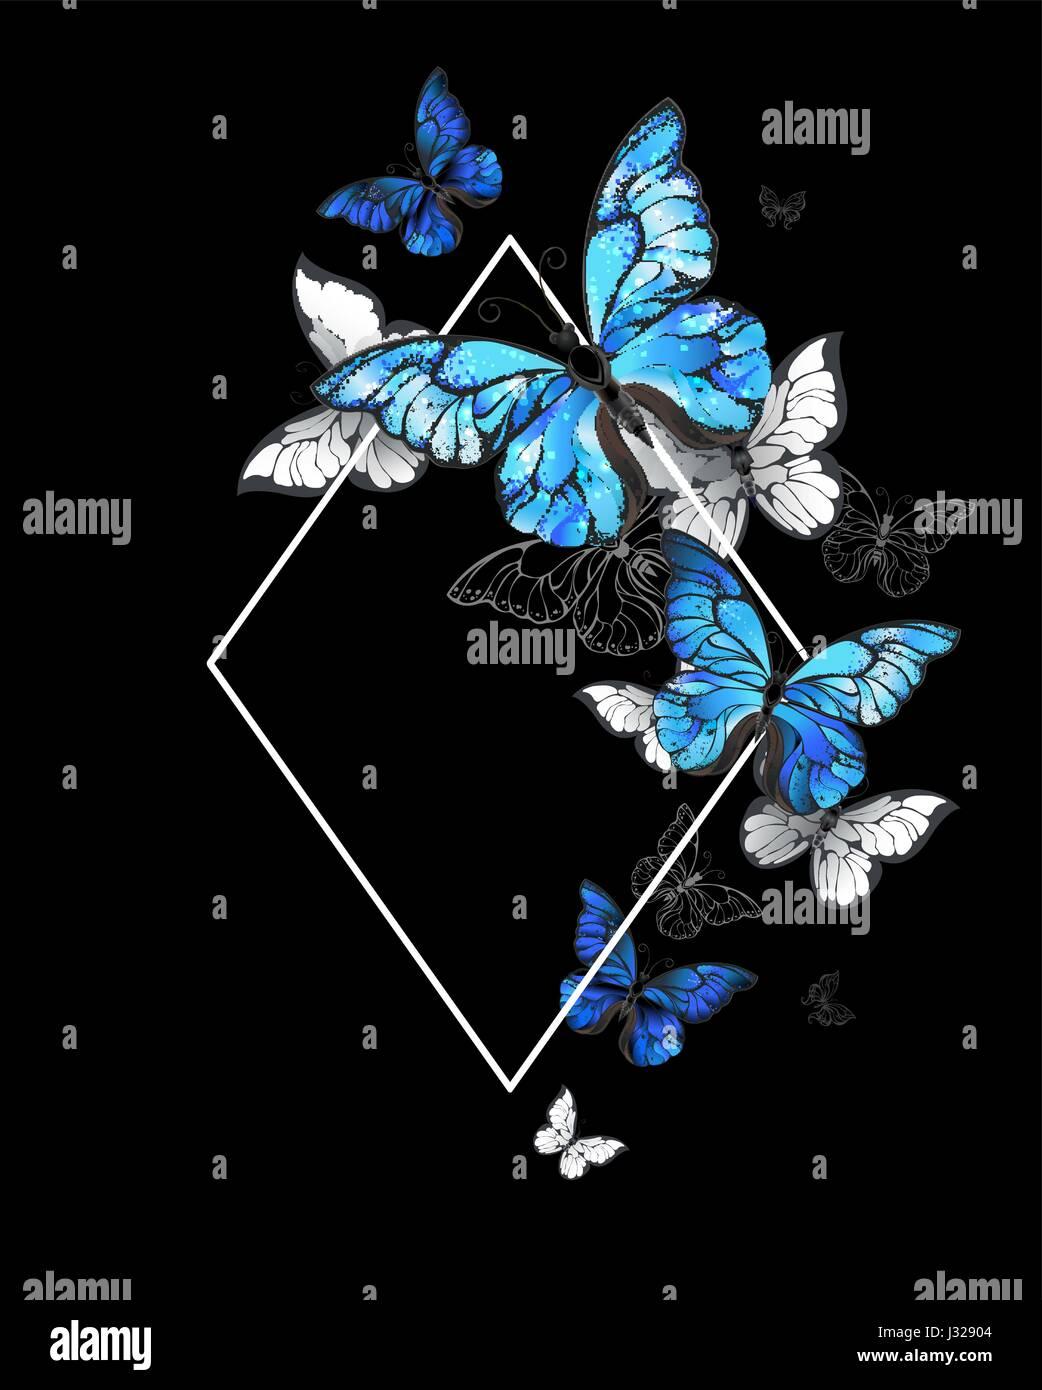 Bianco Rombo Sagomato Banner Con Volare Farfalle Morpho Su Uno